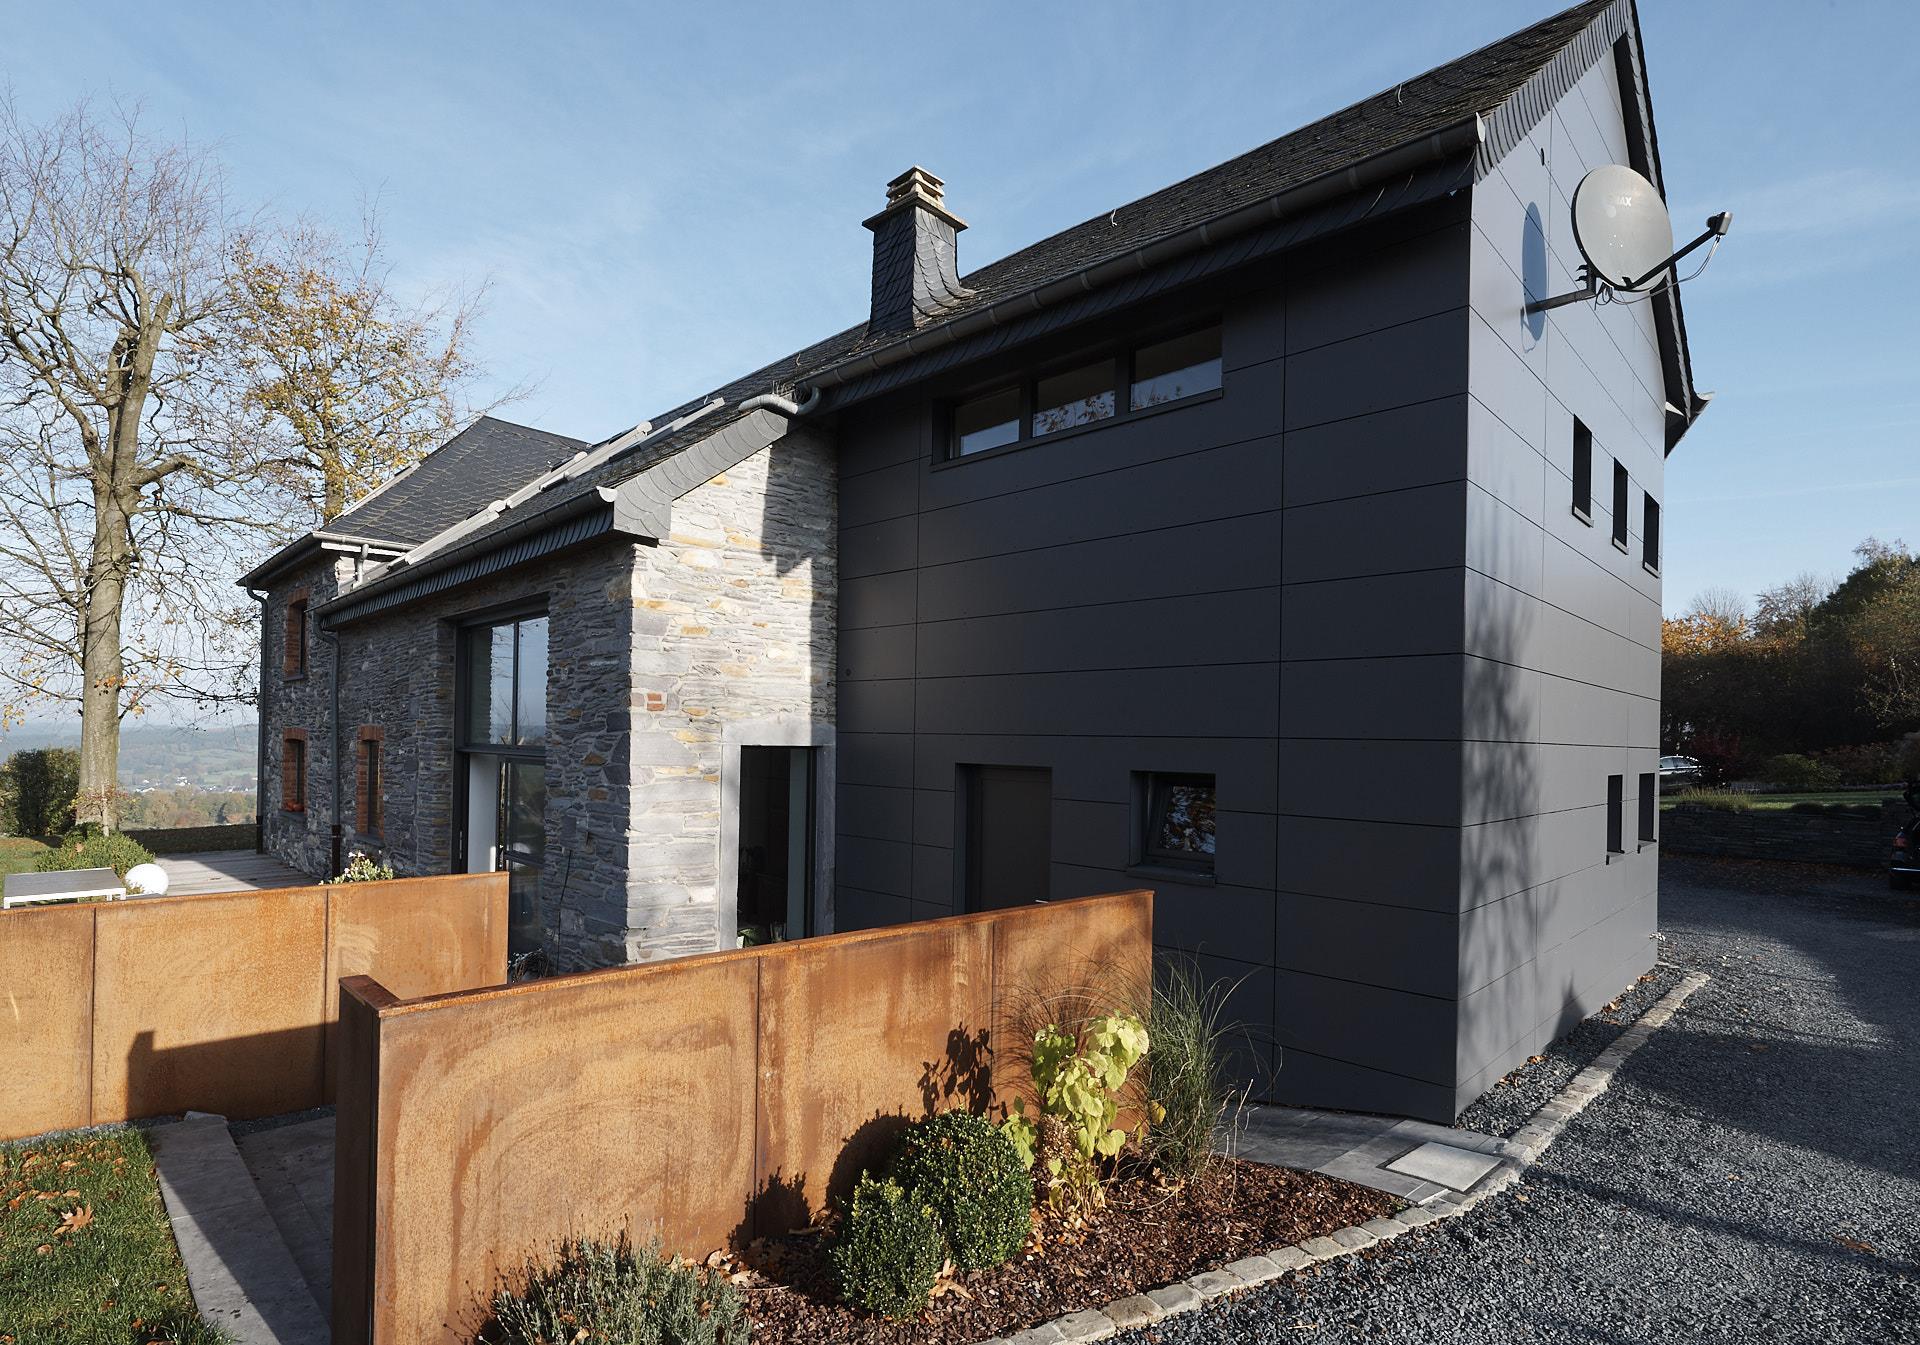 Fabulous Entkernung und Neugestaltung einer Fassade - Outdoor - Bauen nach Maß NC76